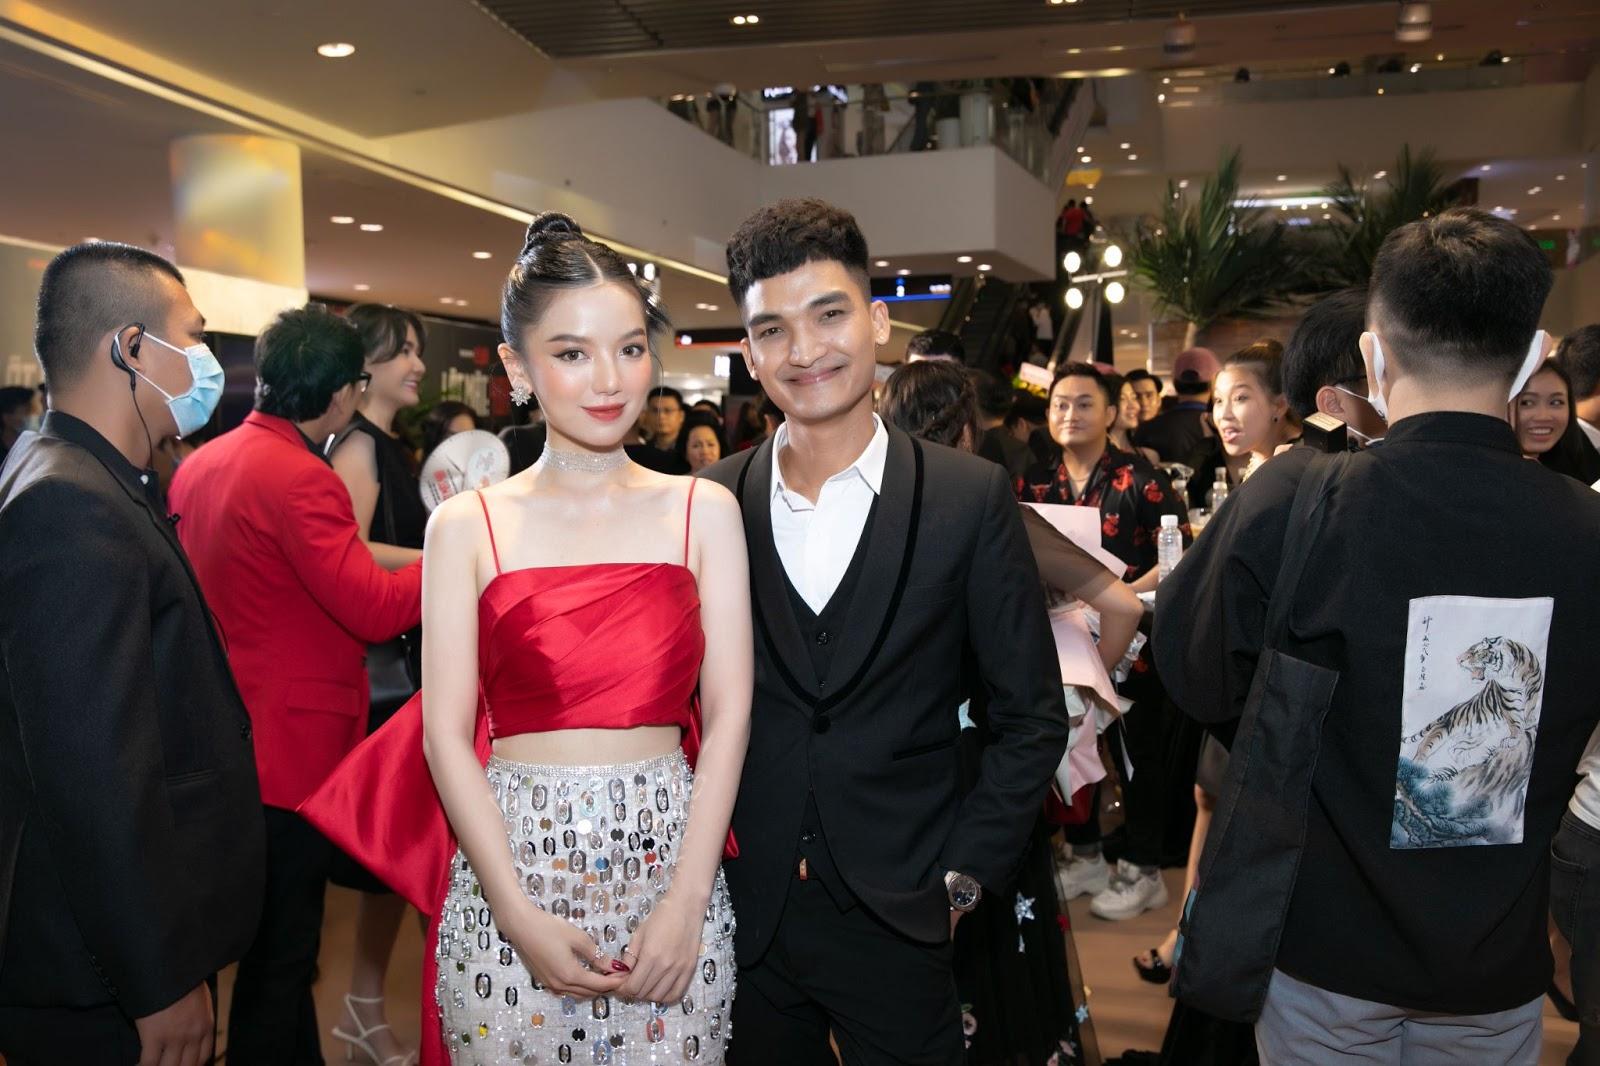 Lê Hạ Anh: Từ ngôi sao thời trang trở thành ngọc nữ tiềm năng của điện ảnh Việt - Hình 4